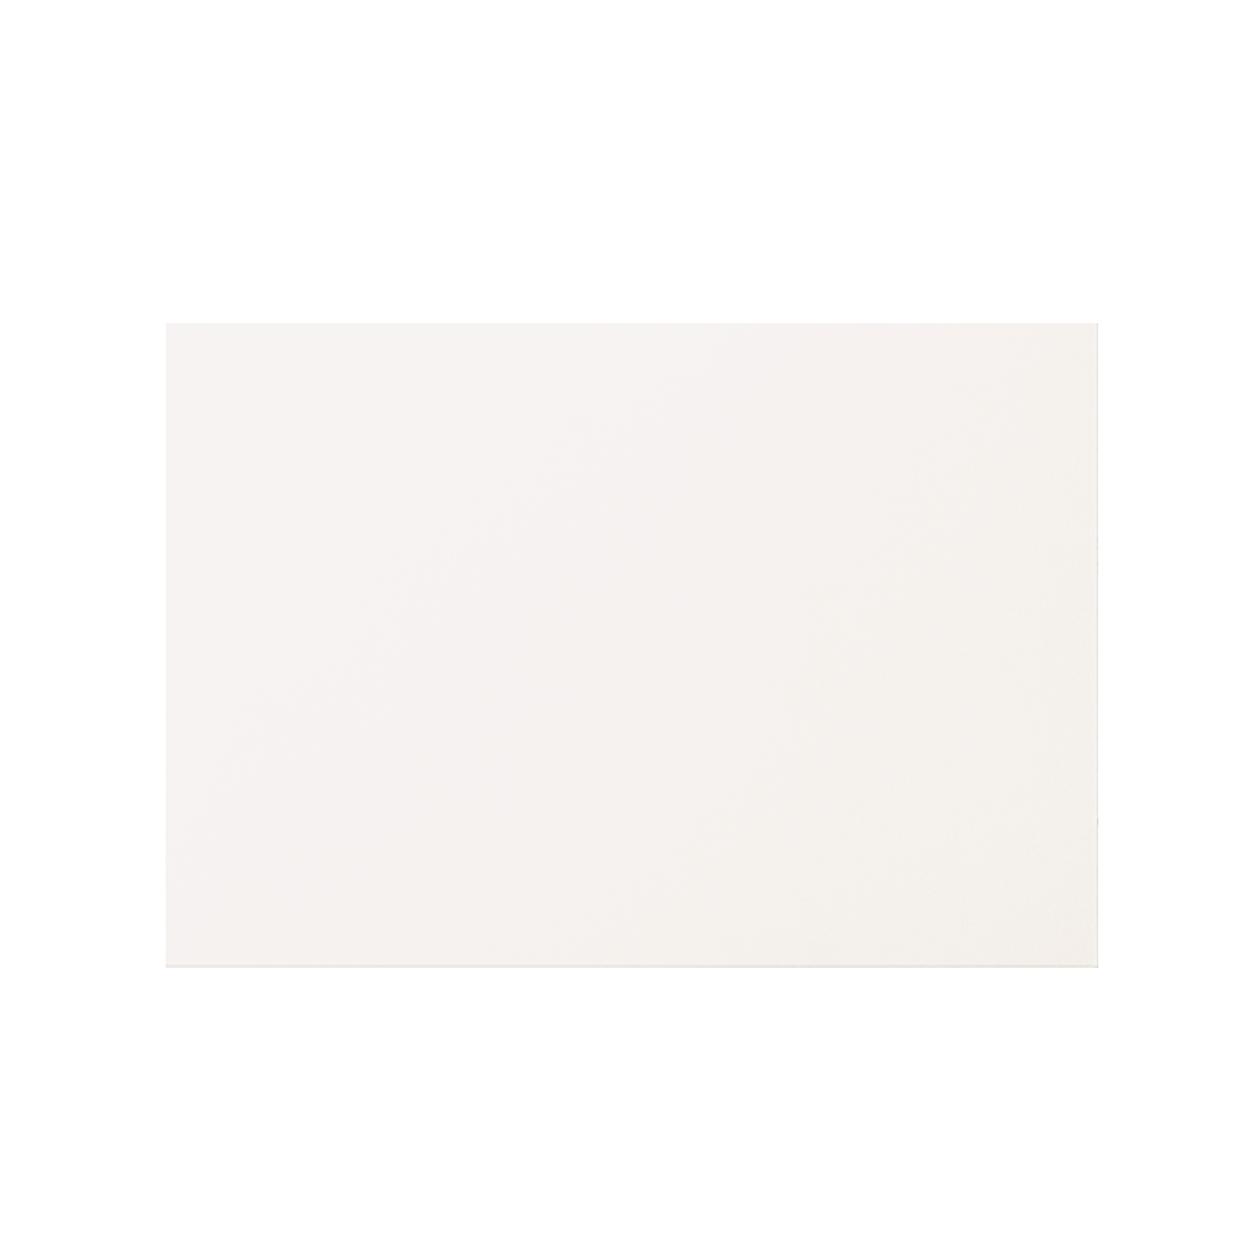 見本 00130 Pカード コットンスノーホワイト 348.8g